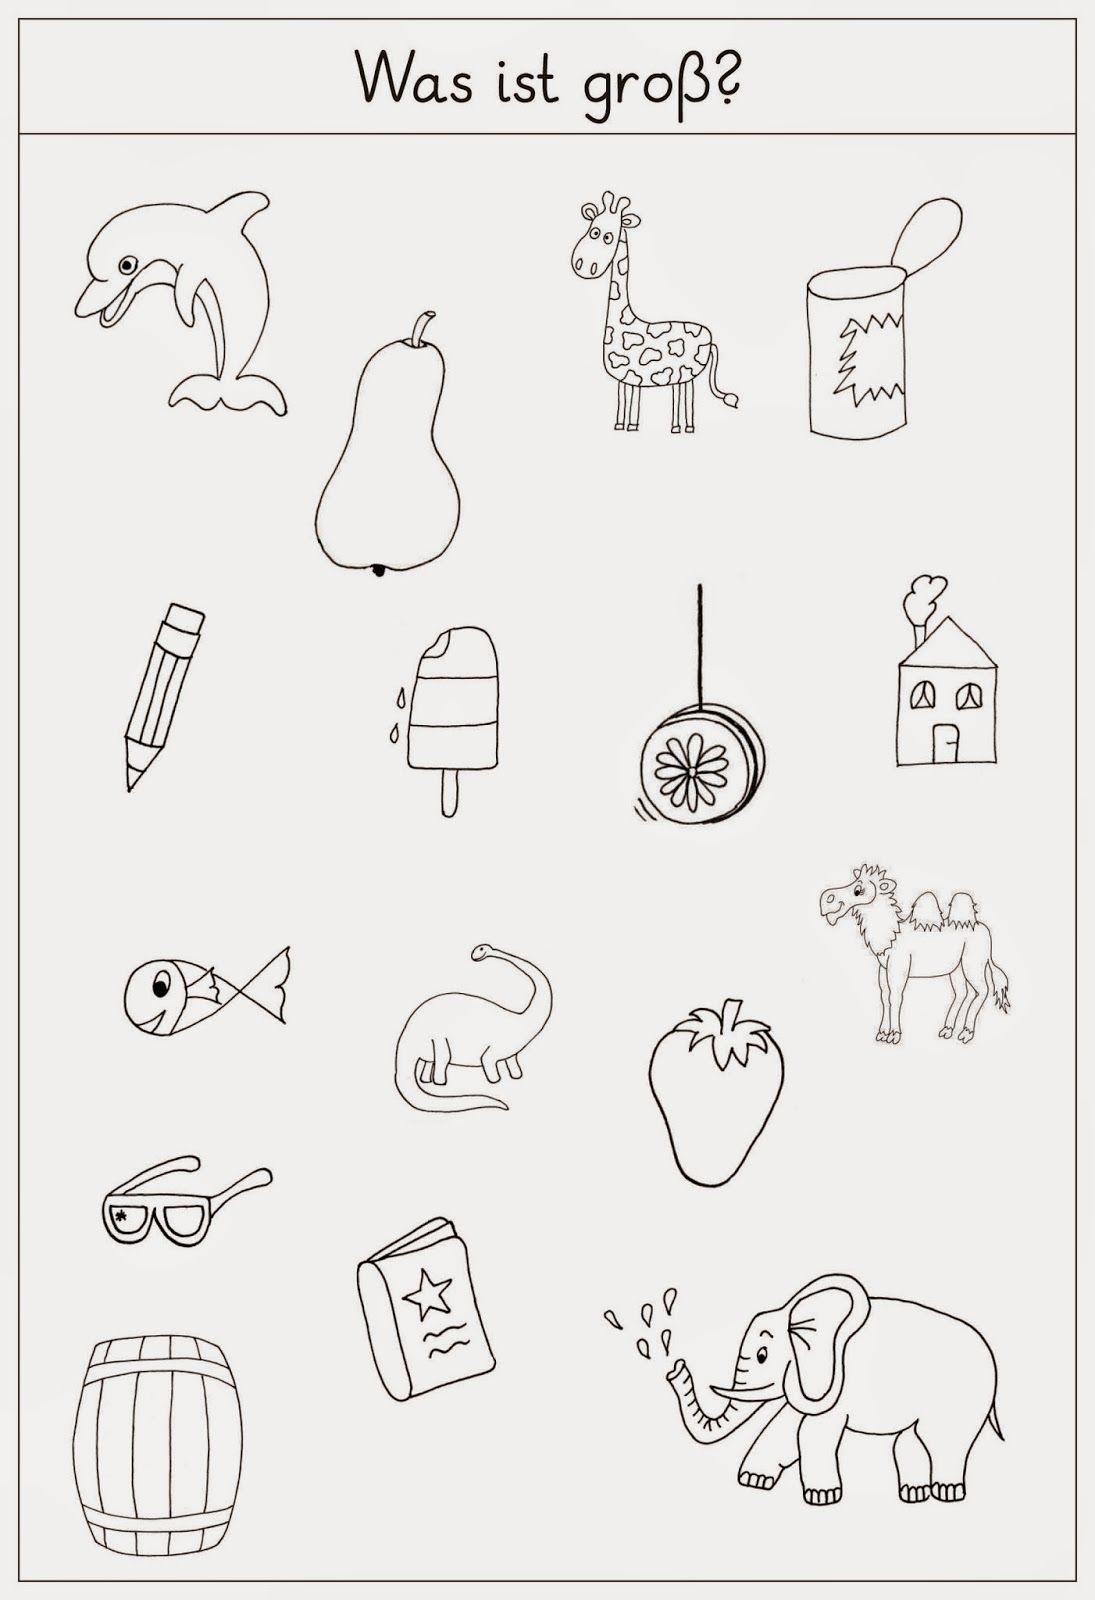 Fragen Zu Bildersammlungen 4 Ab 1 Jpg 1095 1600 Arbeitsblatt Fur Kinder Im Vorschulalter Arbeitsblatter Arbeitsblatter Kindergarten